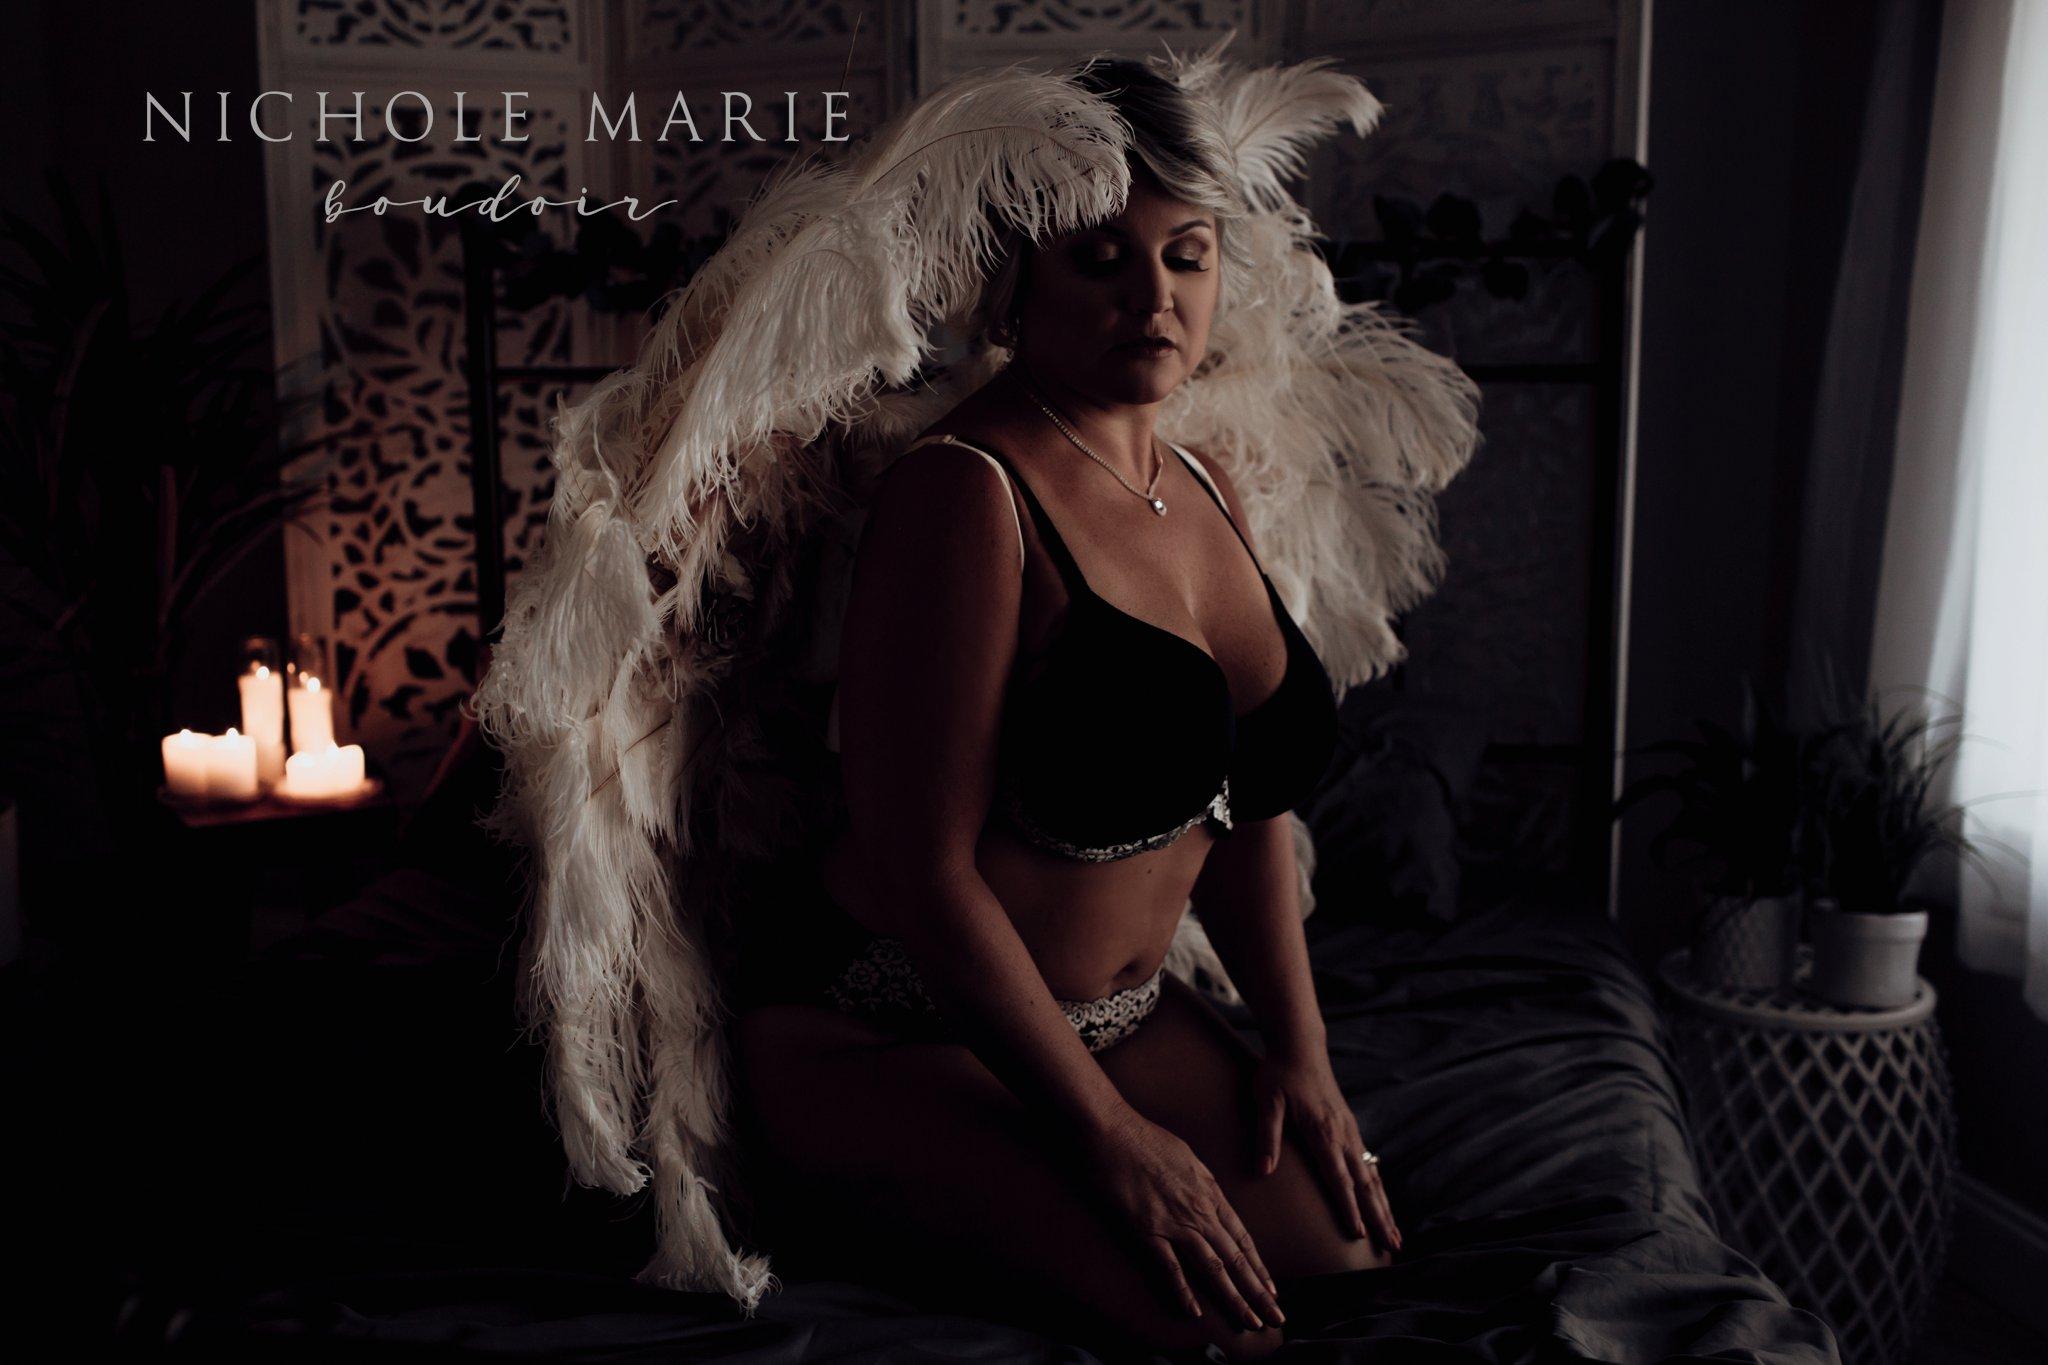 SEBASTIAN FLORIDA BOUDOIR PHOTOGRAPHER | NICHOLE MARIE BOUDOIR_0447.jpg